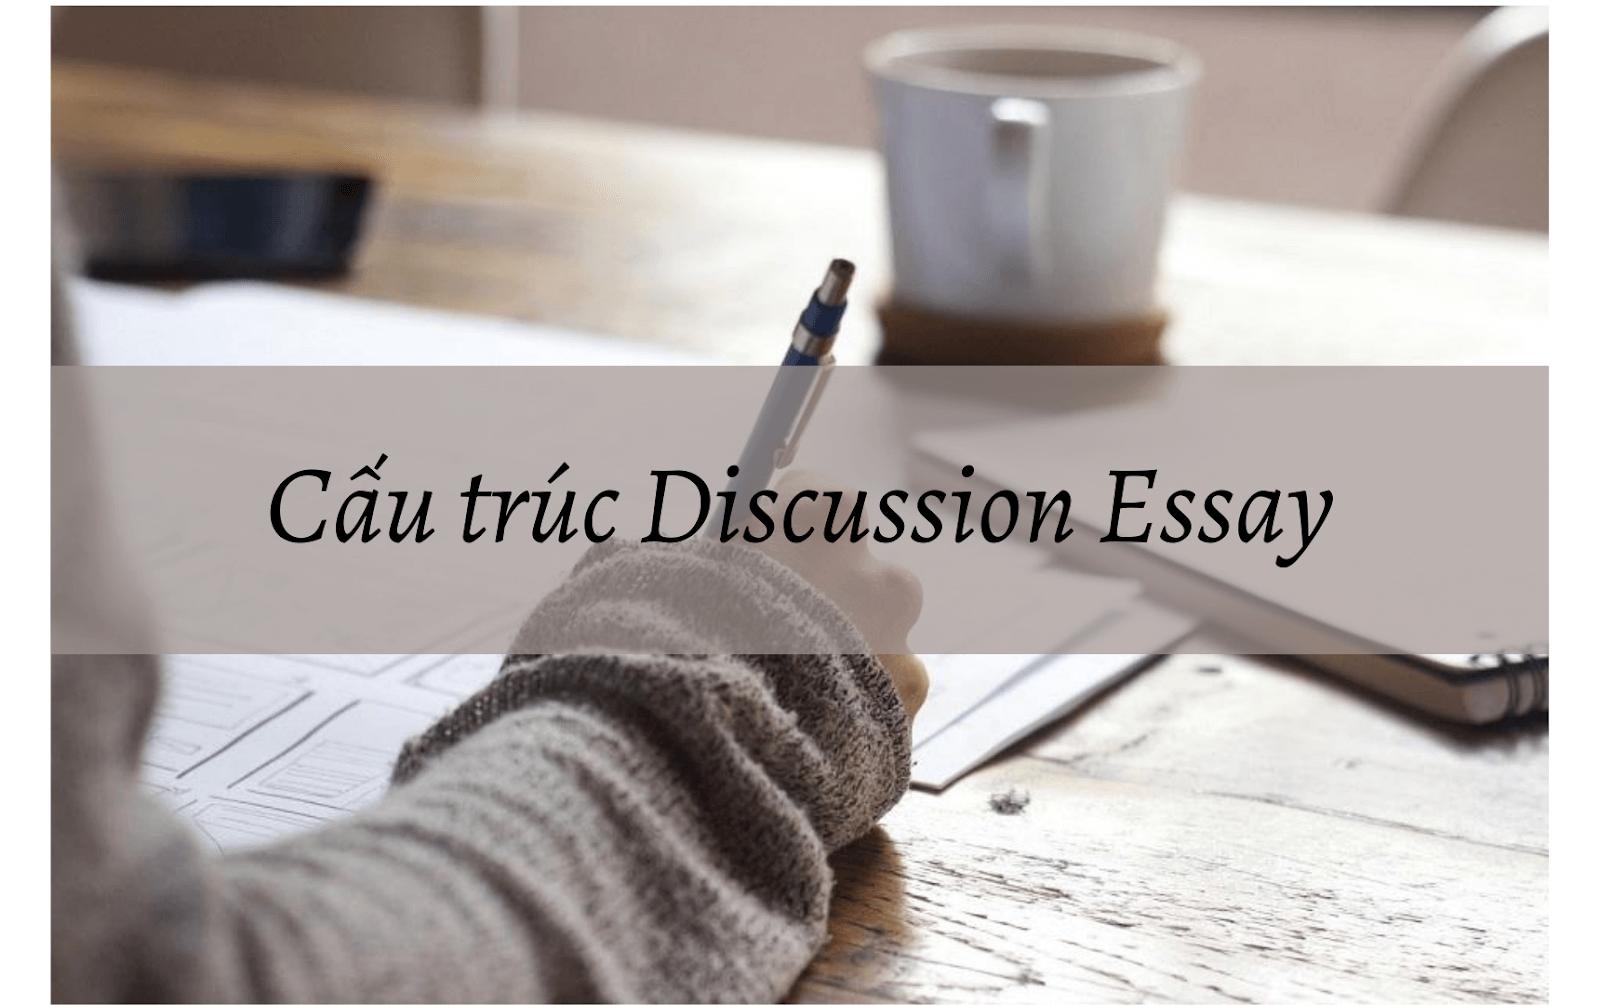 Cấu trúc của bài Discussion Essay